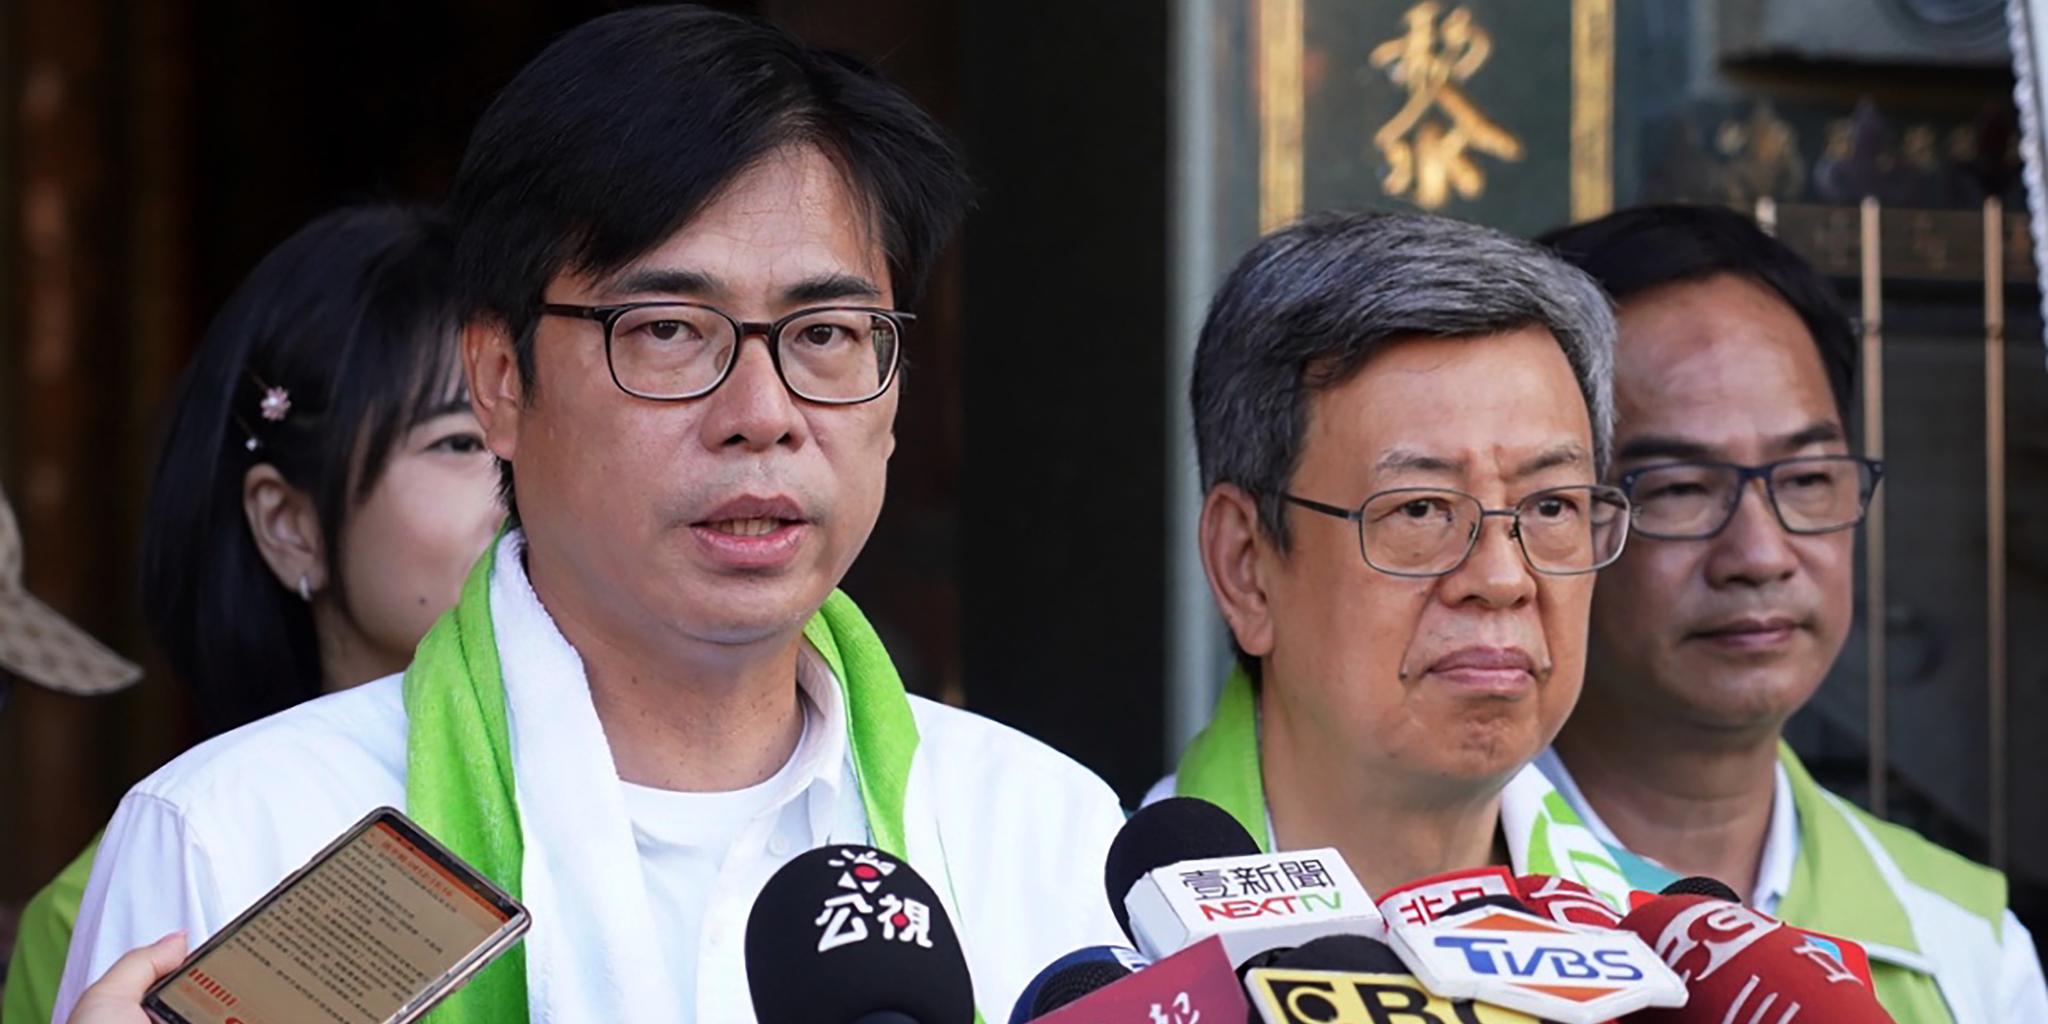 陳其邁當選雄高雄市長